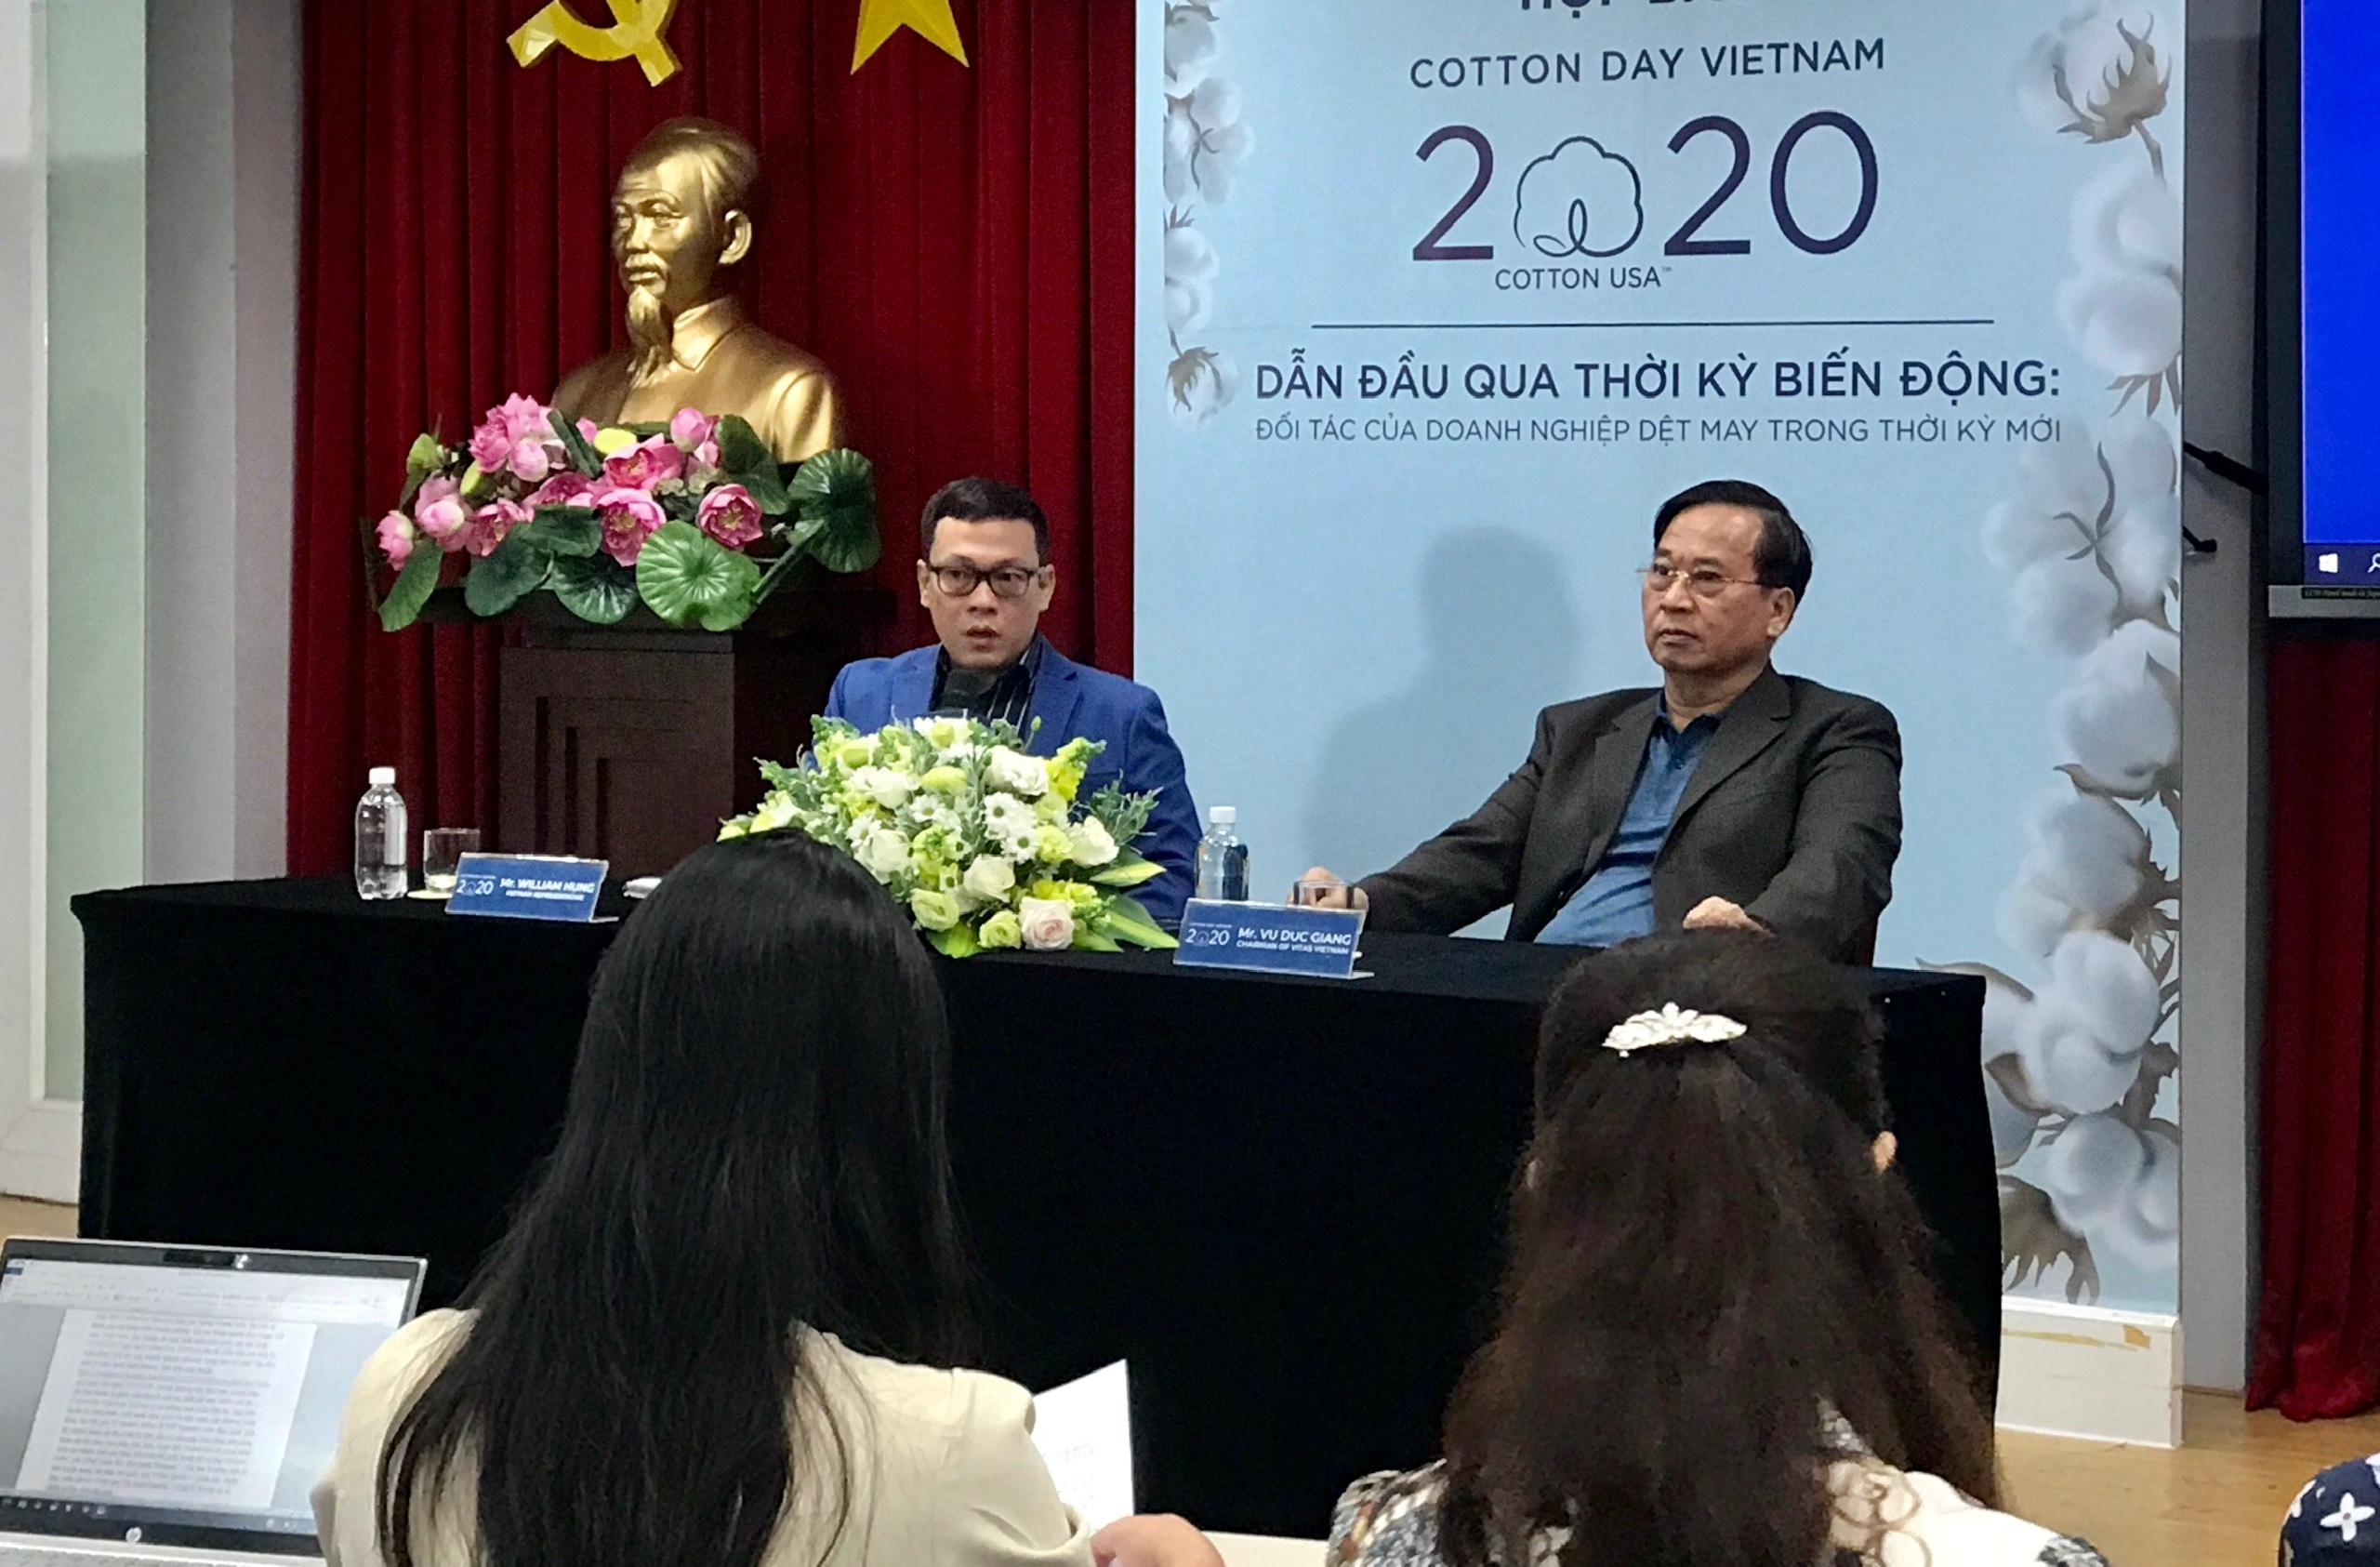 Việt Nam là quốc gia tiêu thụ bông Mỹ lớn nhất thế giới - Ảnh 2.